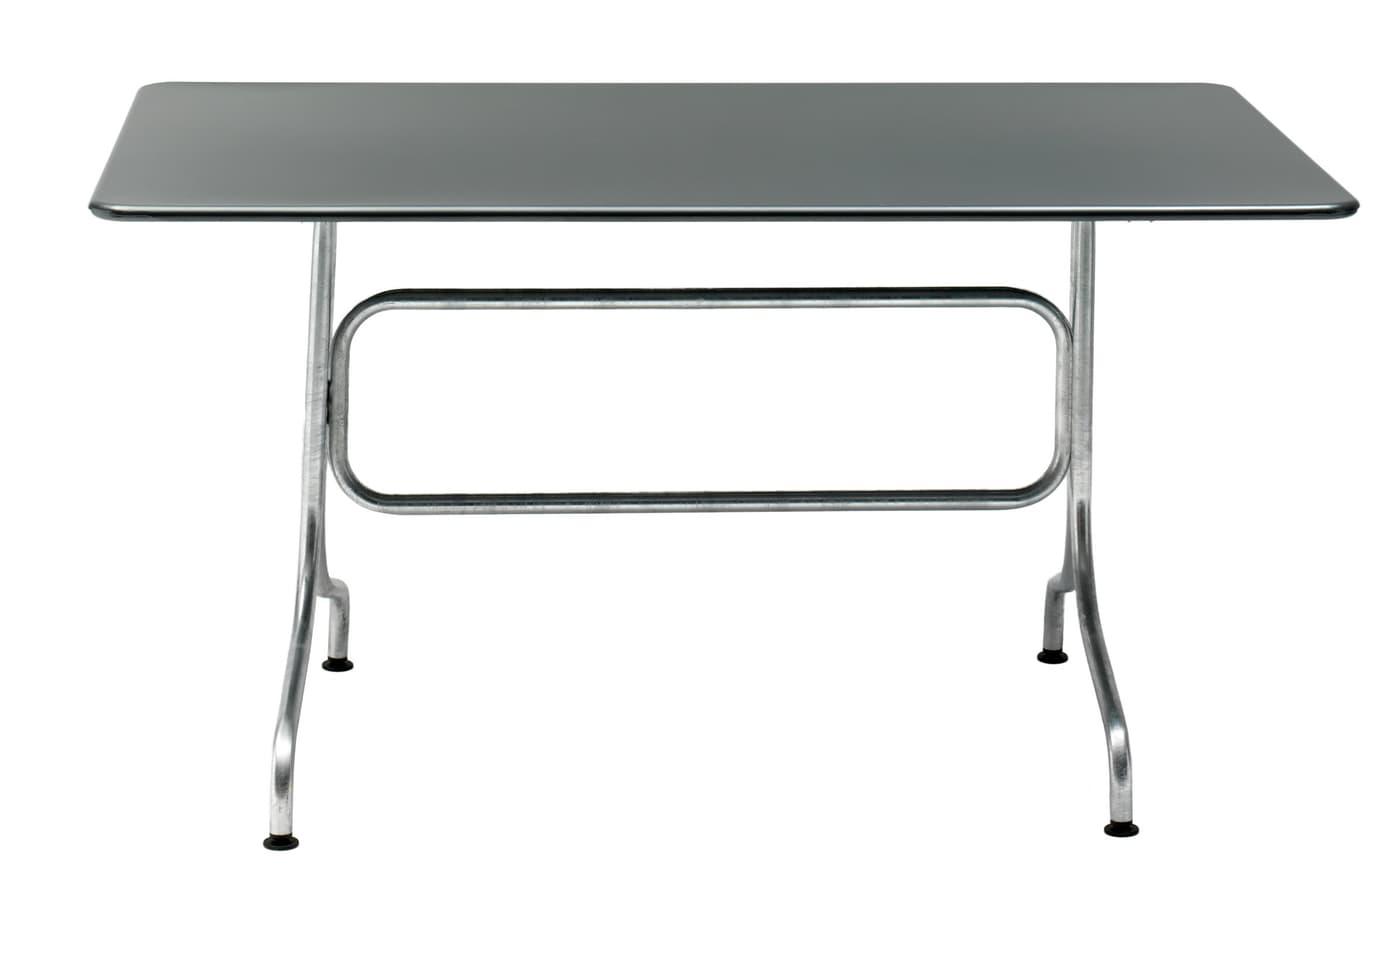 Schaffner Tisch BAHAMAS, anthrazit, 140 cm | Migros